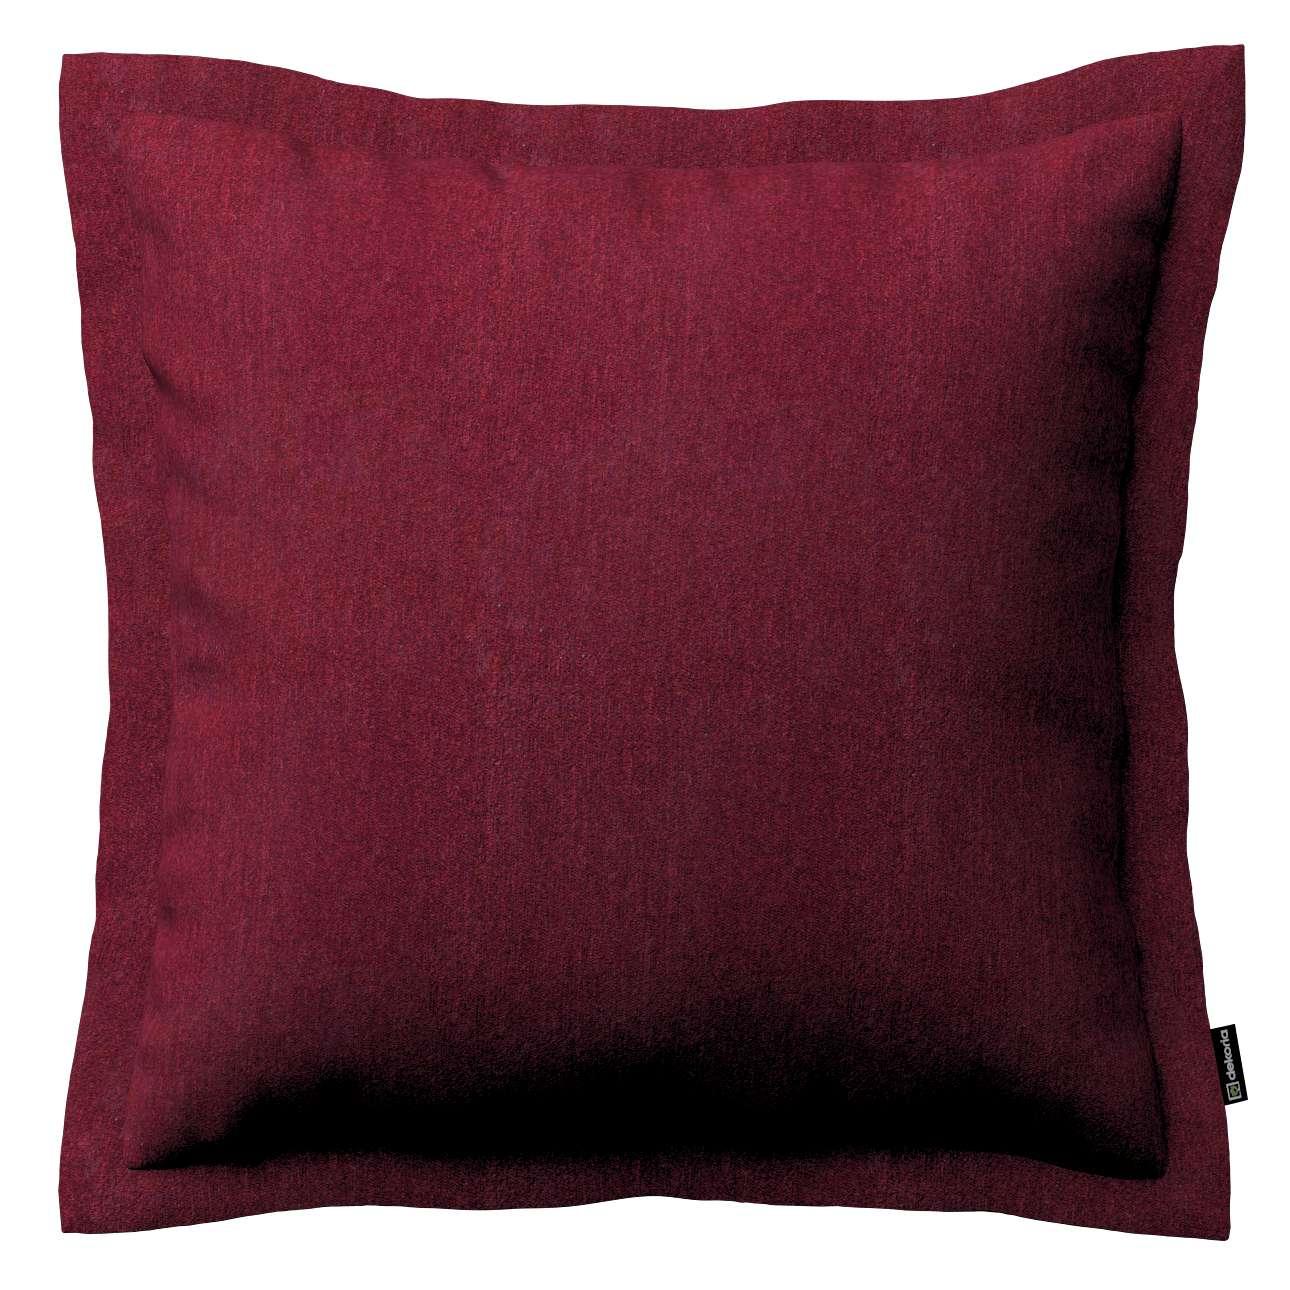 Poszewka Mona na poduszkę 38x38 cm w kolekcji Chenille, tkanina: 702-19